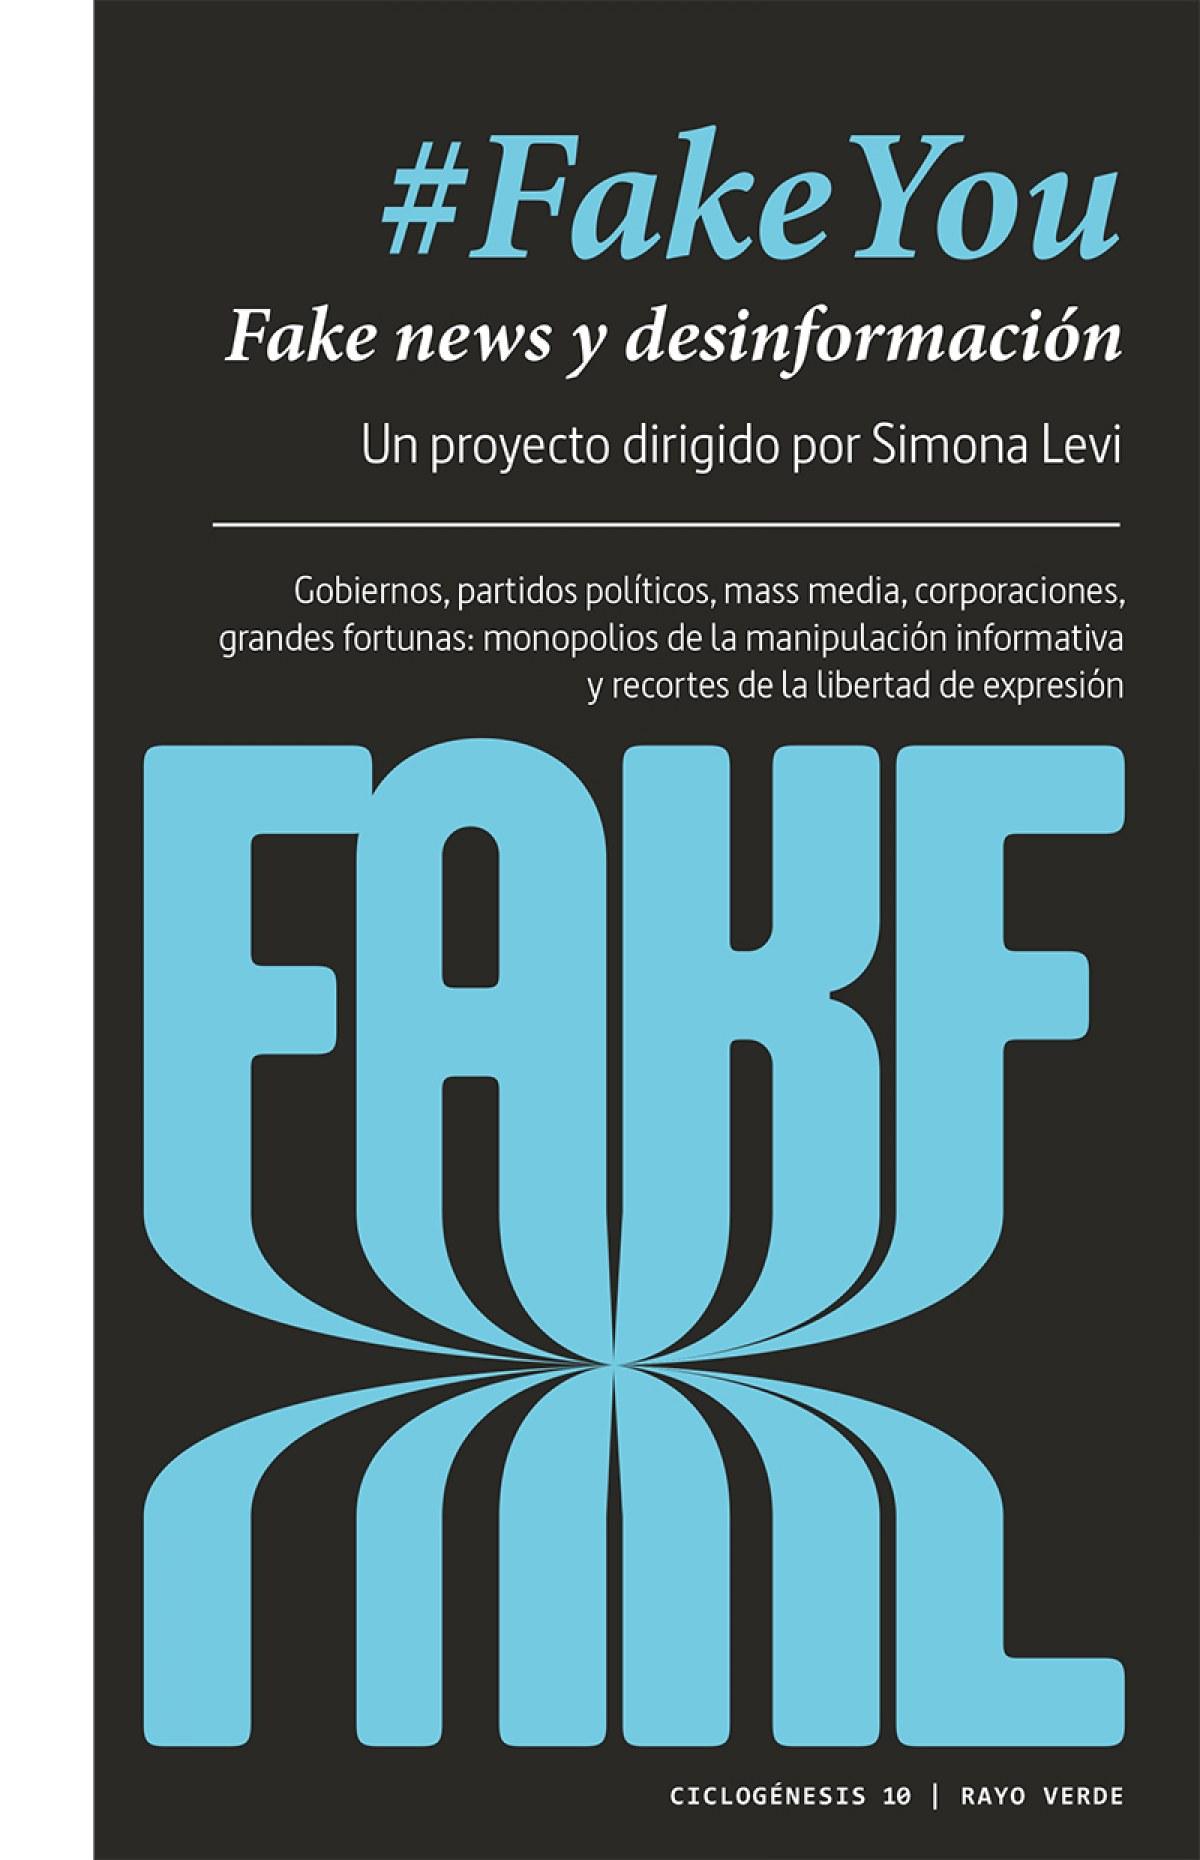 #FAKEYOU